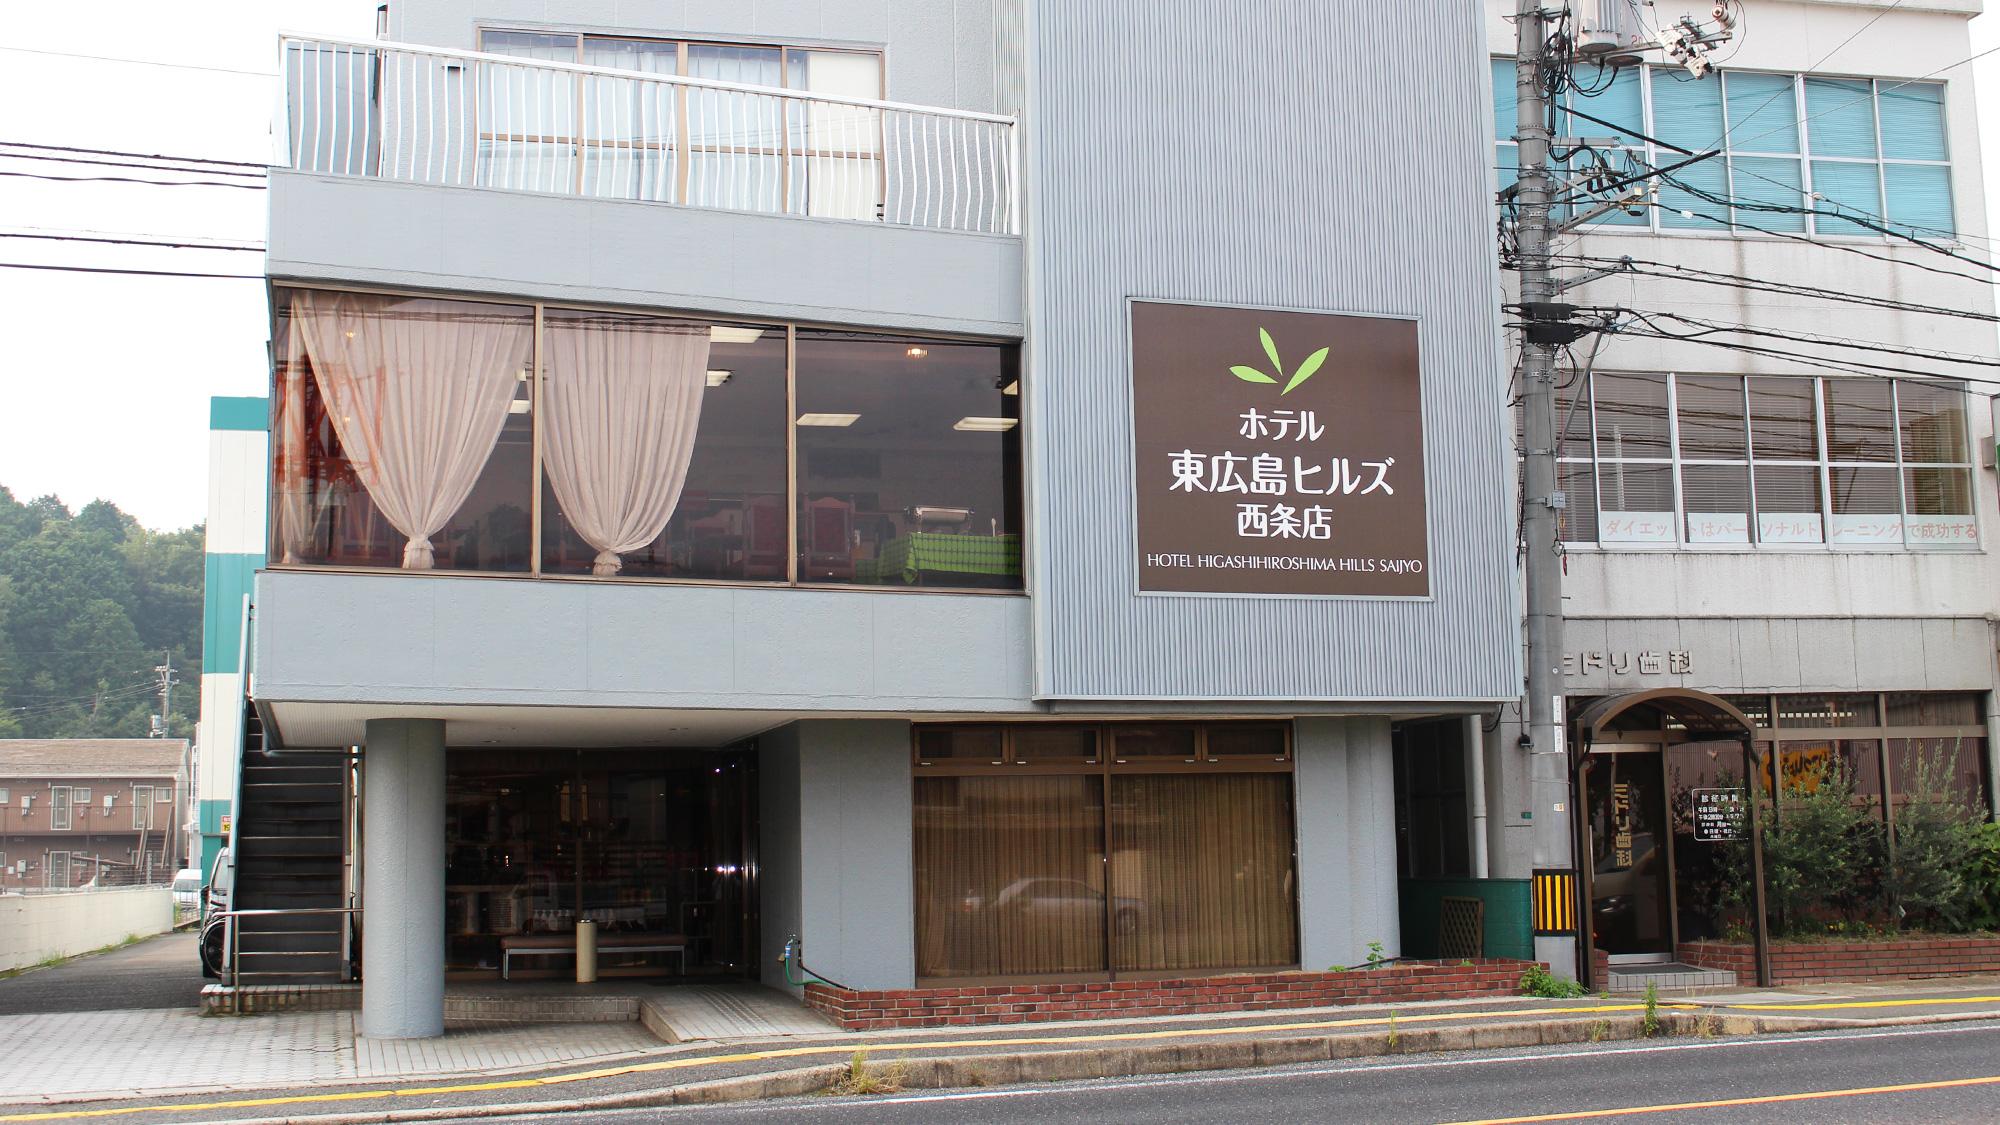 ホテル東広島ヒルズ 西条店(旧ホテルイーグル)